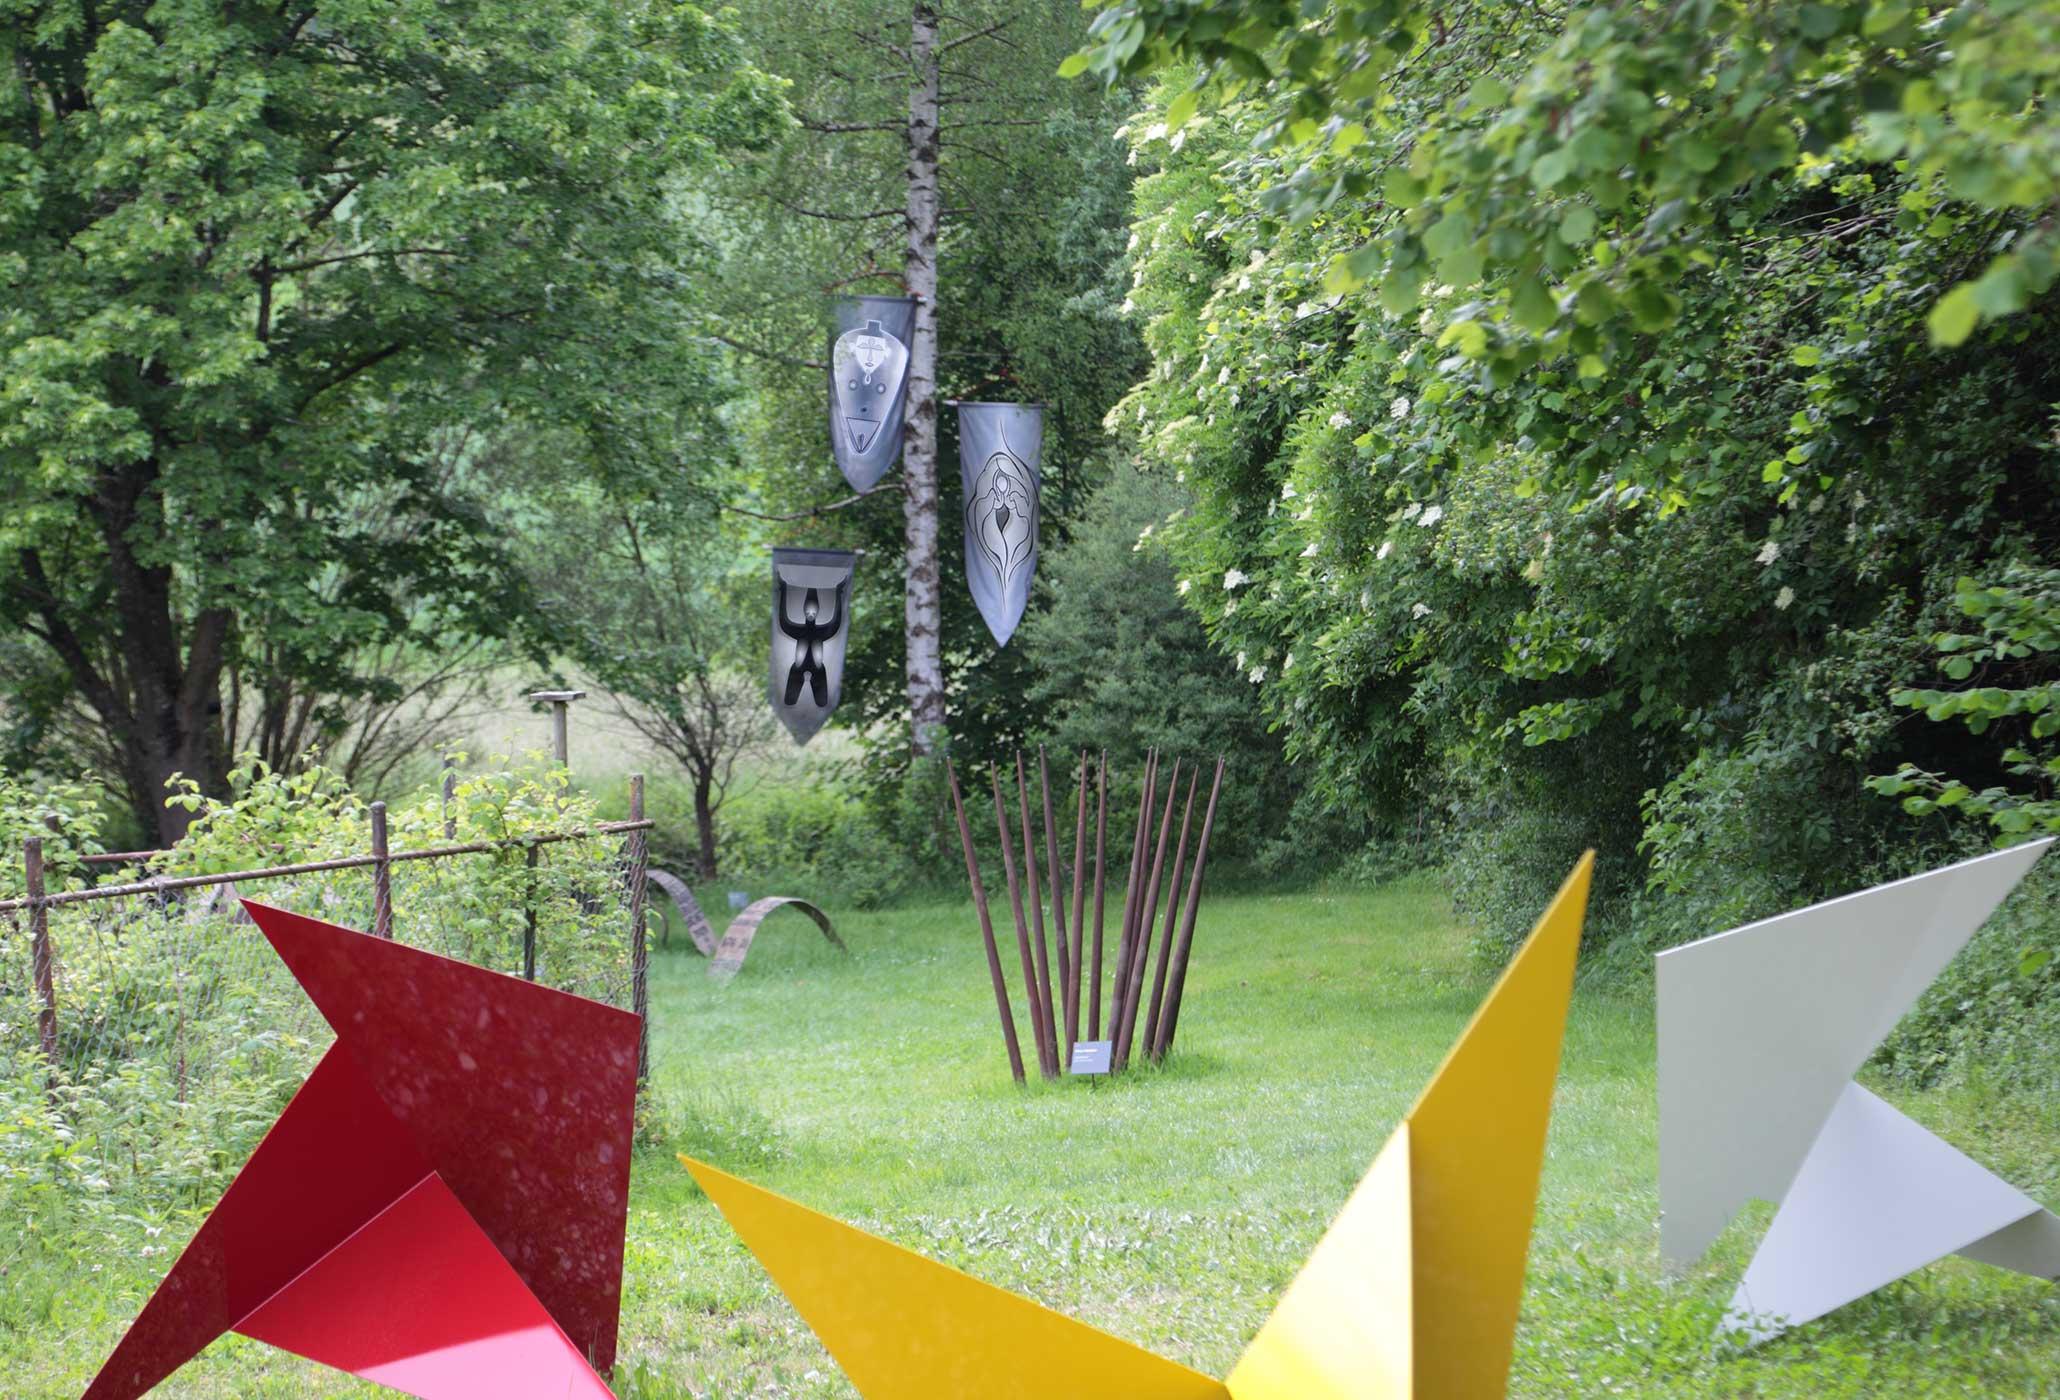 Global Vulva Flags (2014) in der Ausstellung 'Yesterday - Tomorrow', Kulturort Weiertal, Winterthur, CH, 2014.